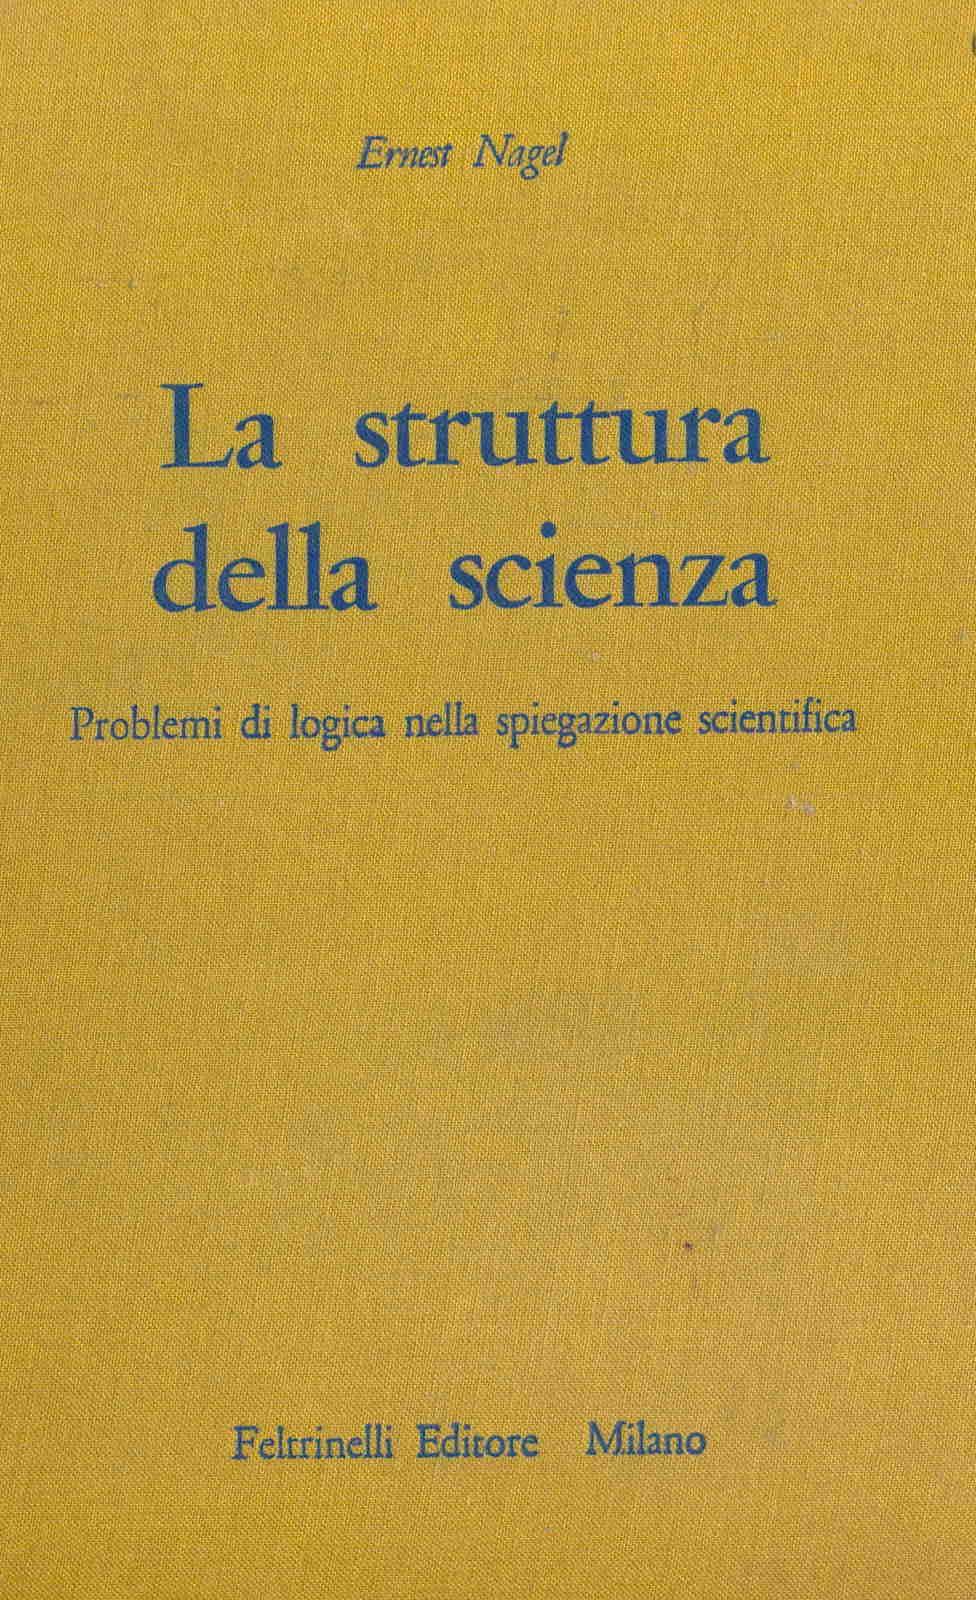 La struttura della scienza